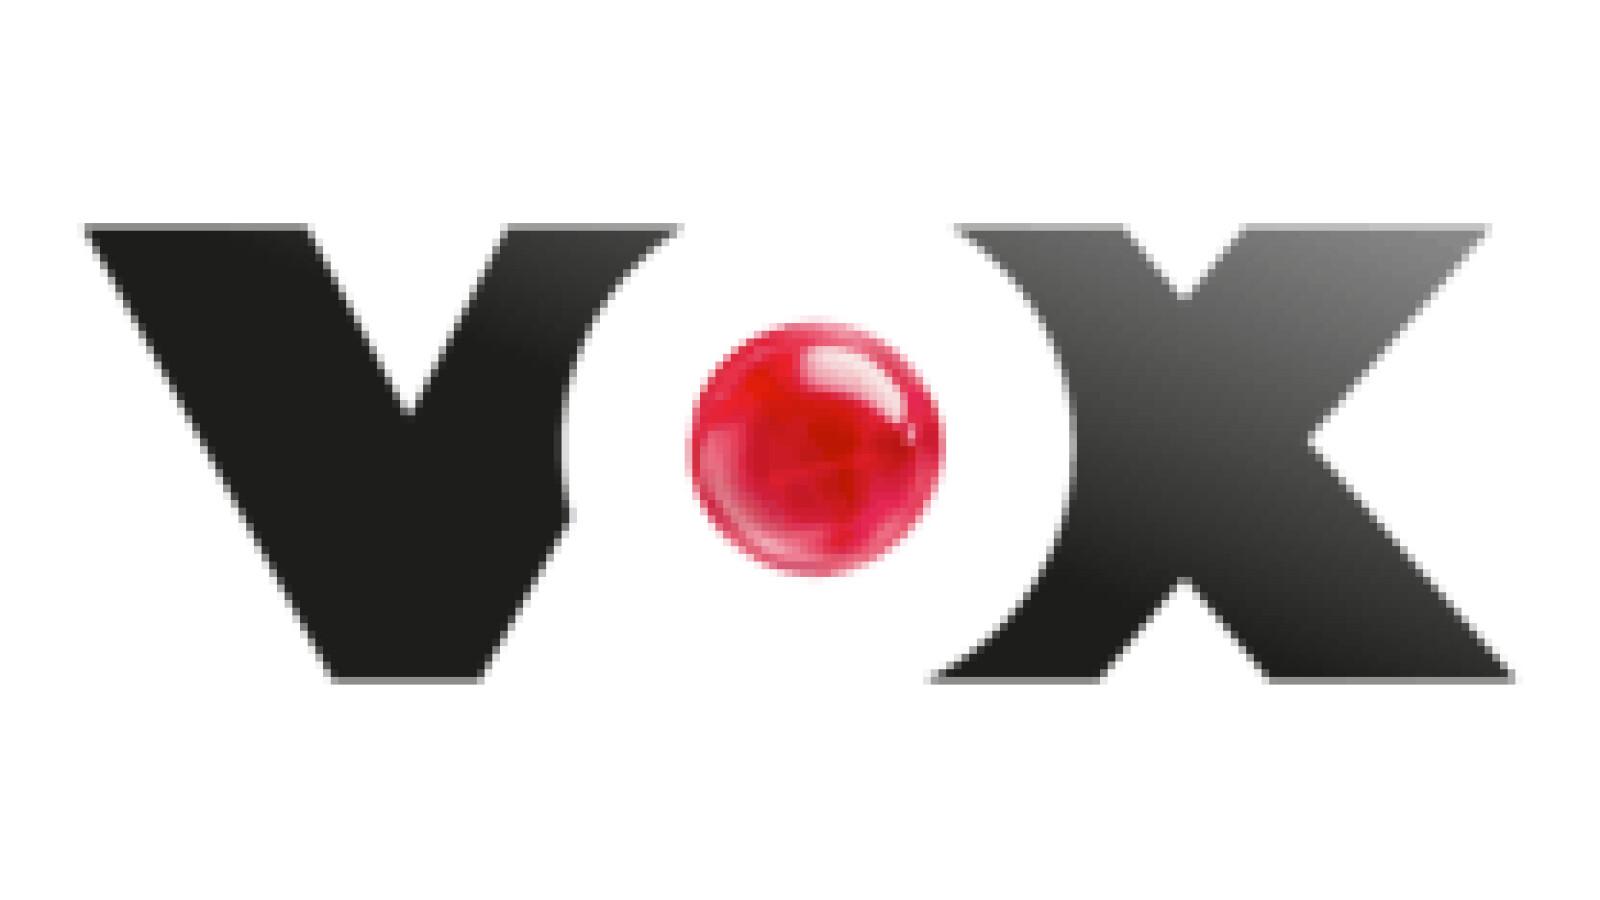 Vox Live Stream Legal Und Kostenlos Vox Online Schauen Netzwelt